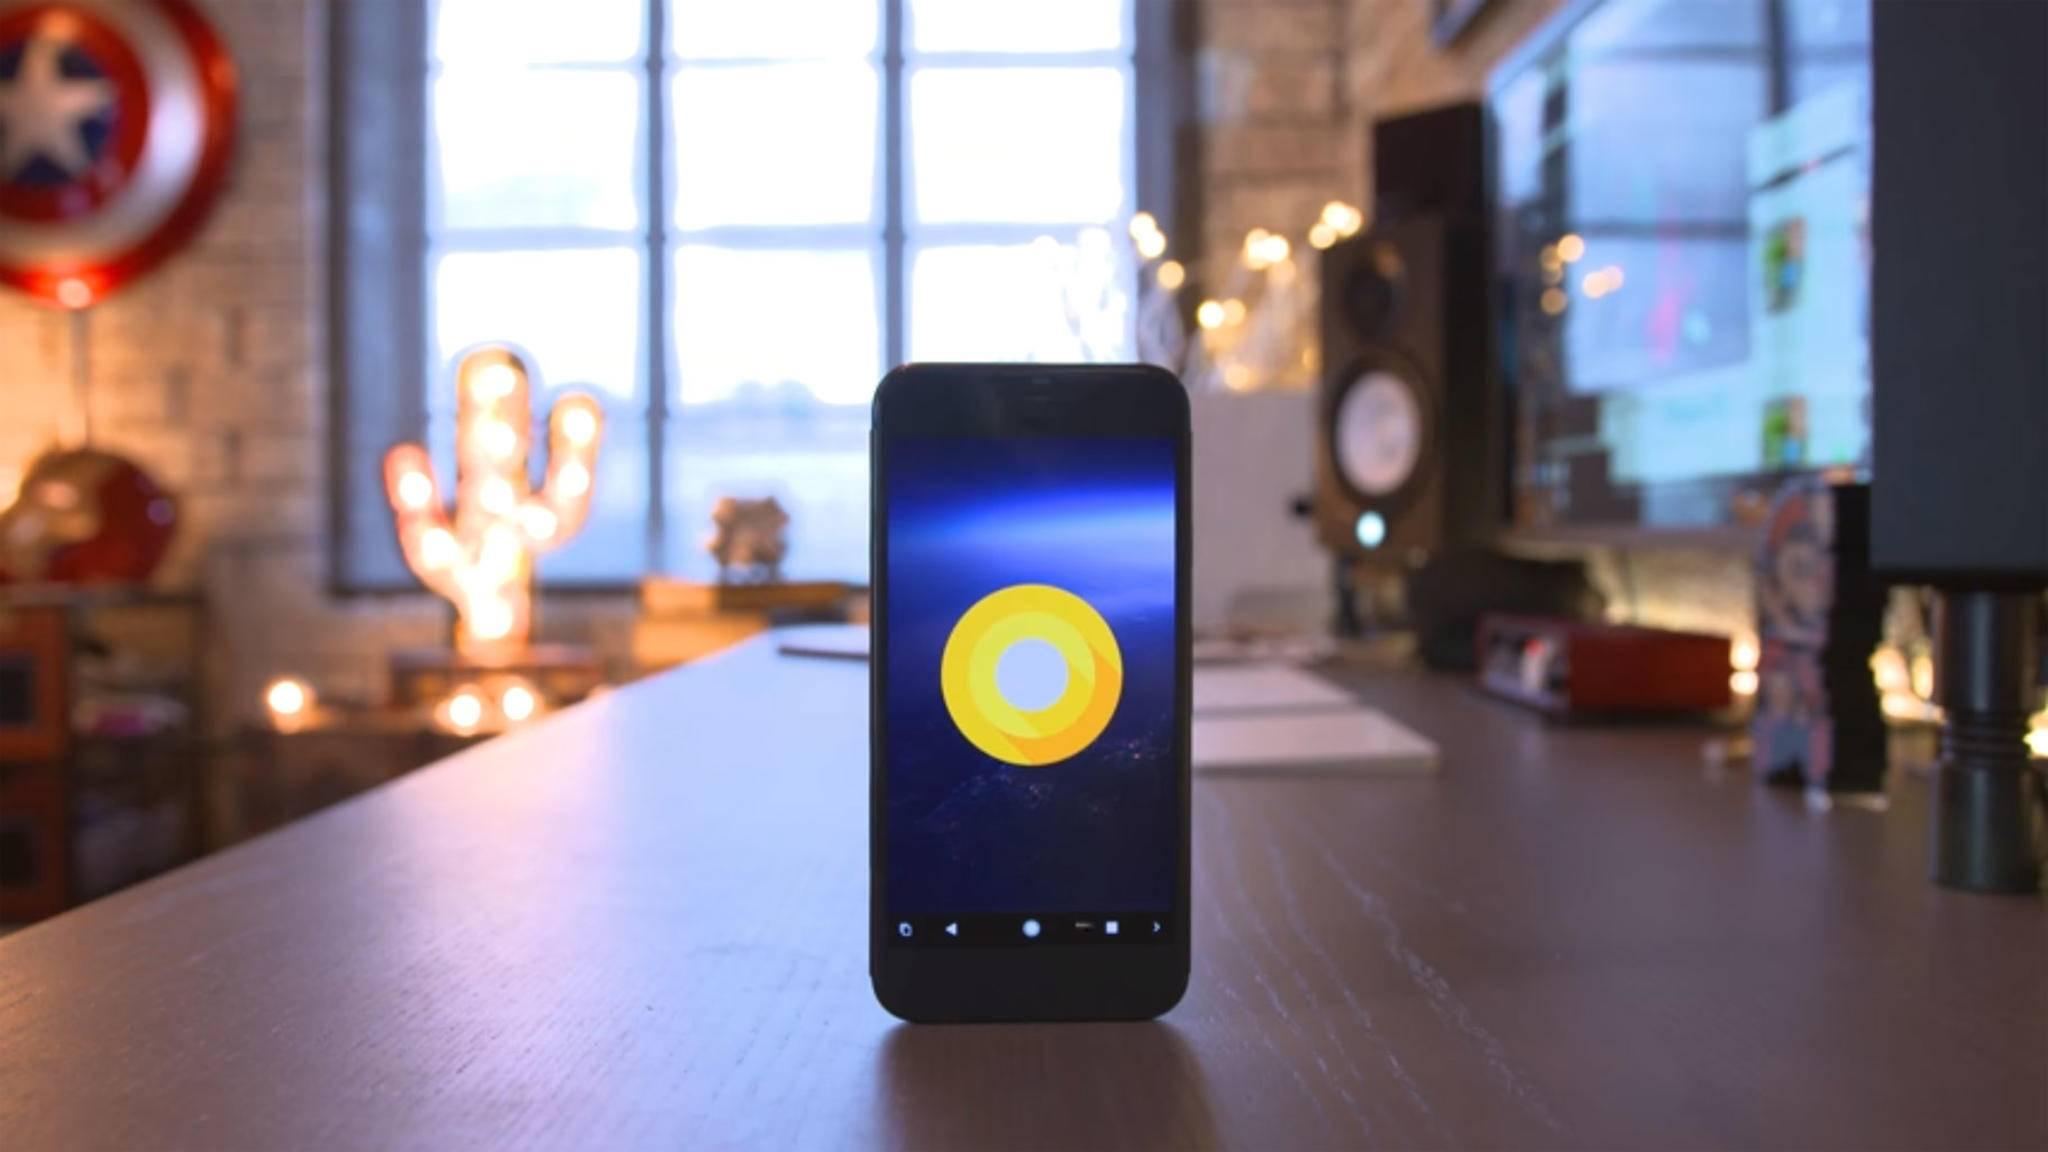 Mit Android 8.1 soll der Ladestand von Bluetooth-Geräten angezeigt werden.